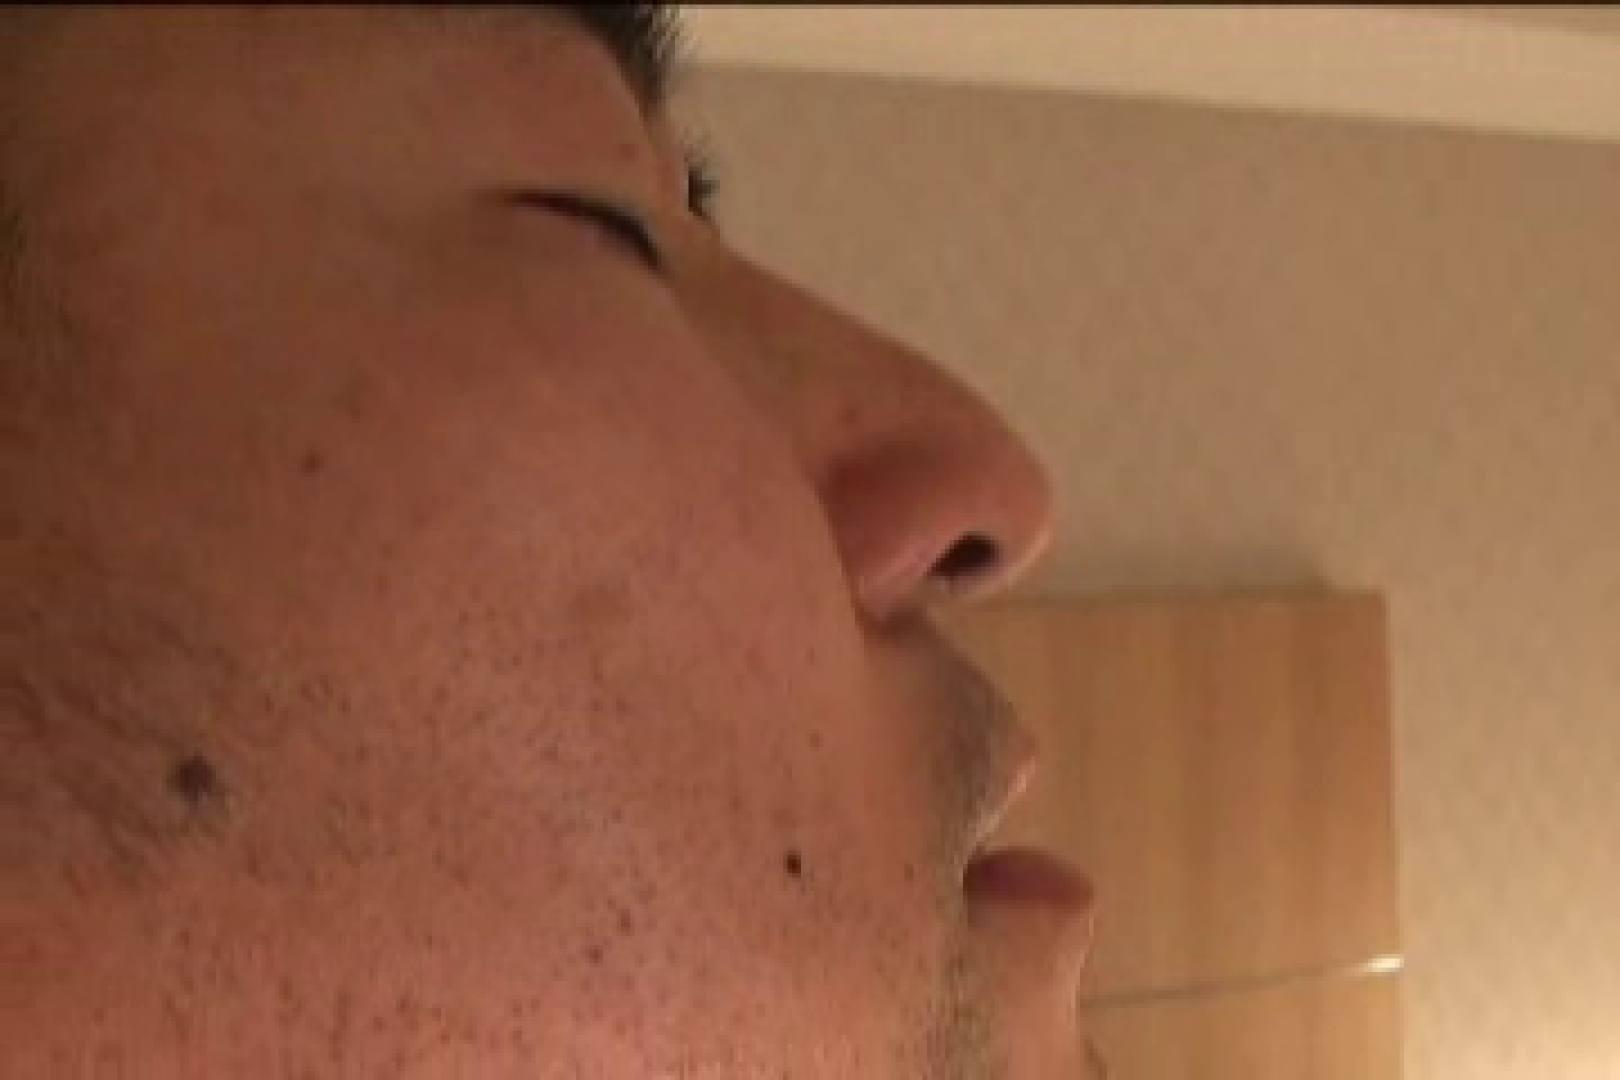 悶絶!!ケツマンFighters!! Part.01 アナルで大興奮 ゲイアダルトビデオ紹介 55枚 38